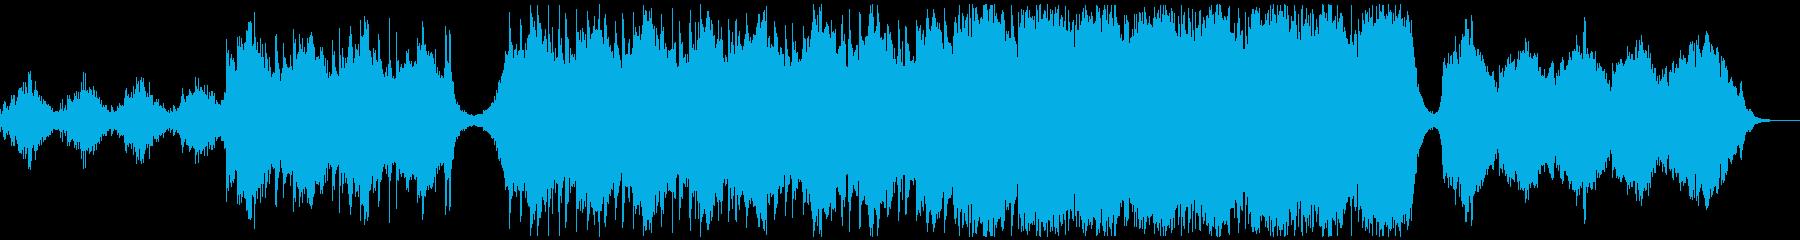 トレーラー・企業の再生済みの波形